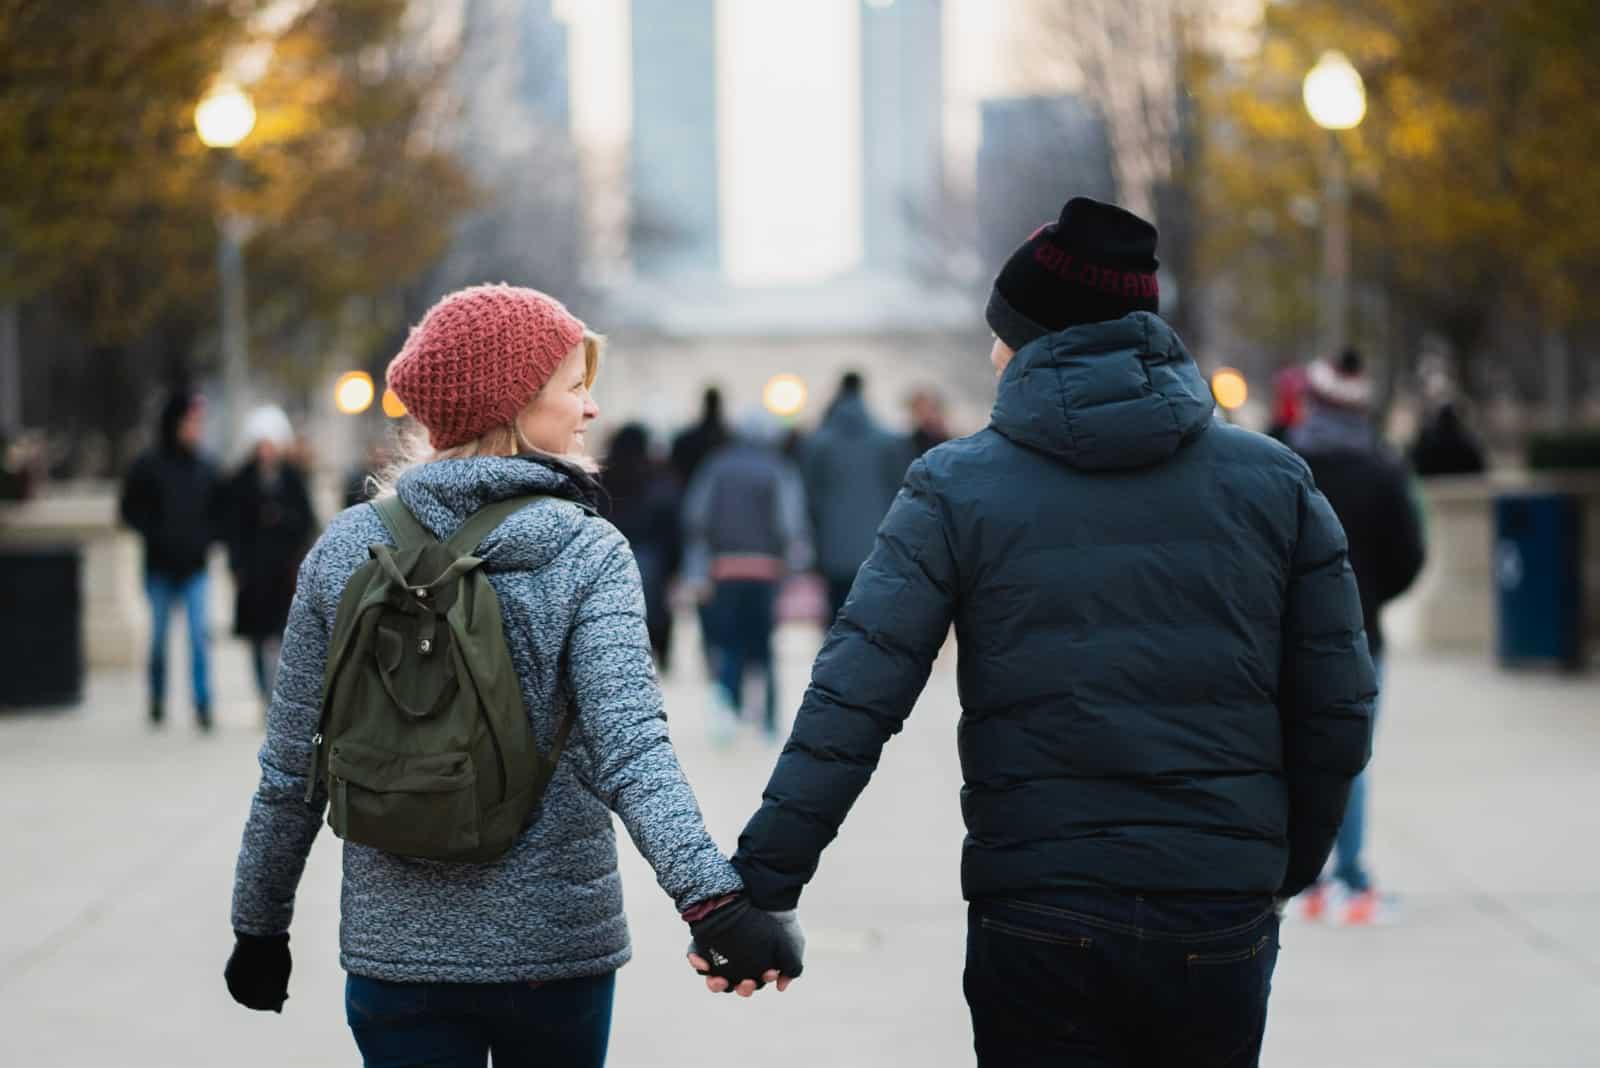 homme et femme se tenant la main en marchant dans la rue